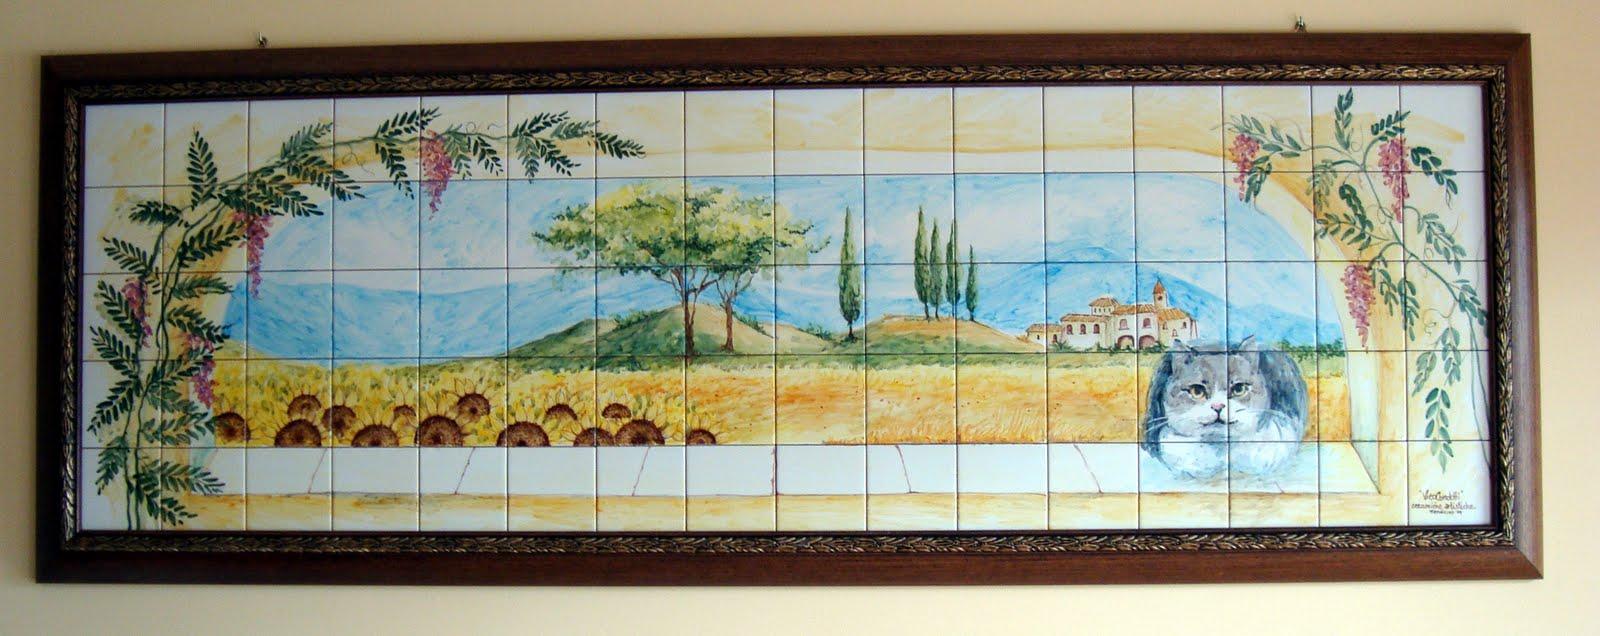 Vico condotti pannelli decorativi in ceramica for Pannelli decorativi per cucina